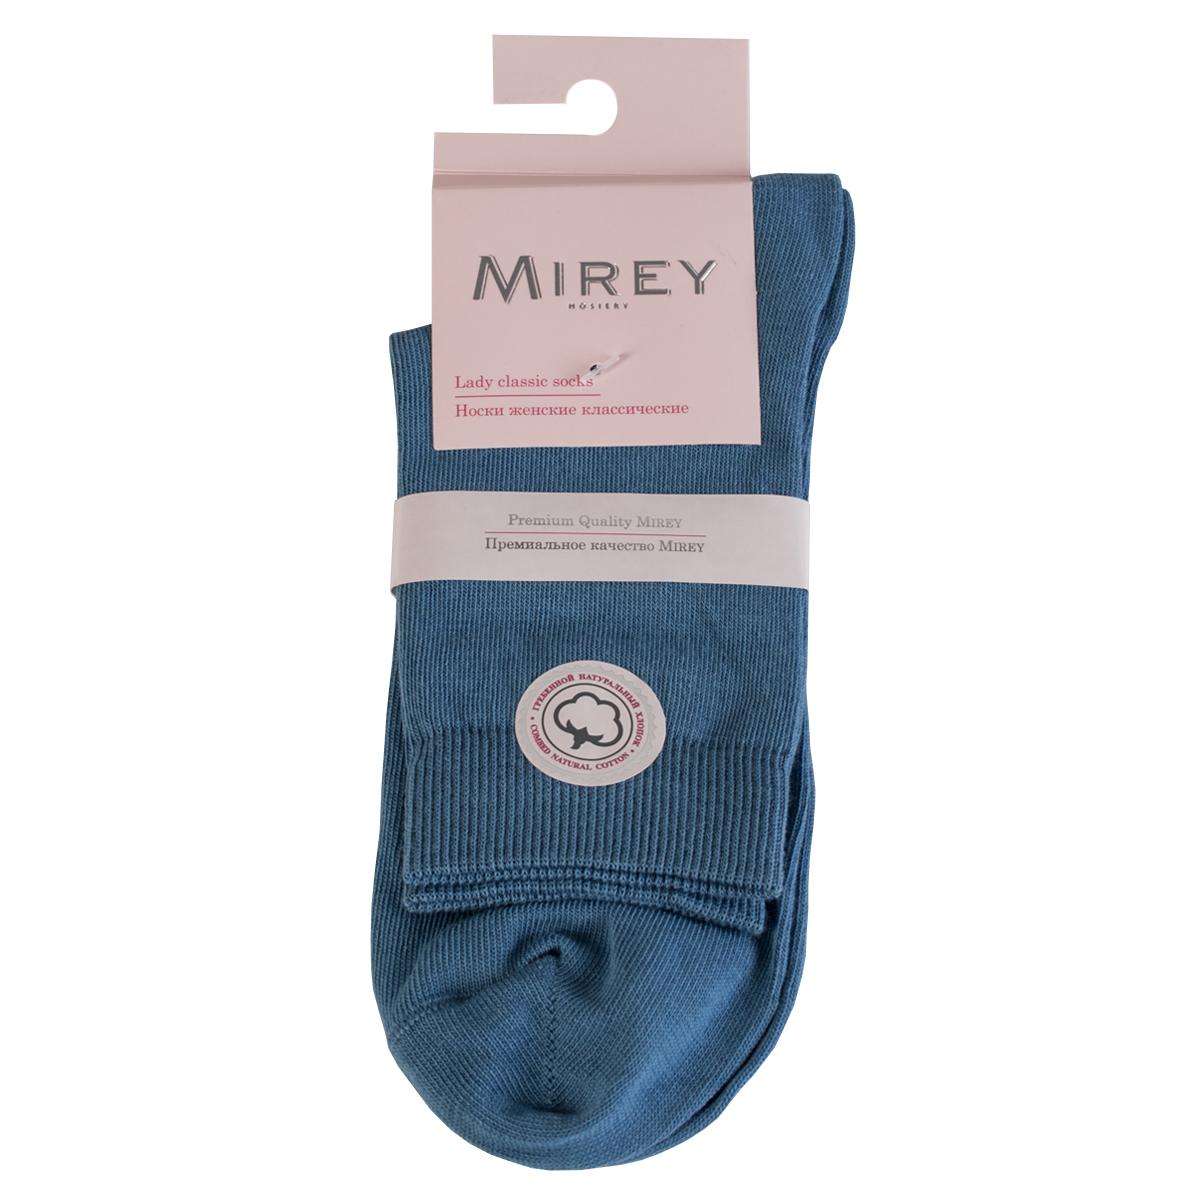 Носки женские Mirey, цвет: синий. MSC 007. Размер (35/37)MSC 007Классические женские носки от Mirey выполнены из хлопка с эластаном.Усиленный мысок и пятка, двойная резинка сетка, плоский шов.